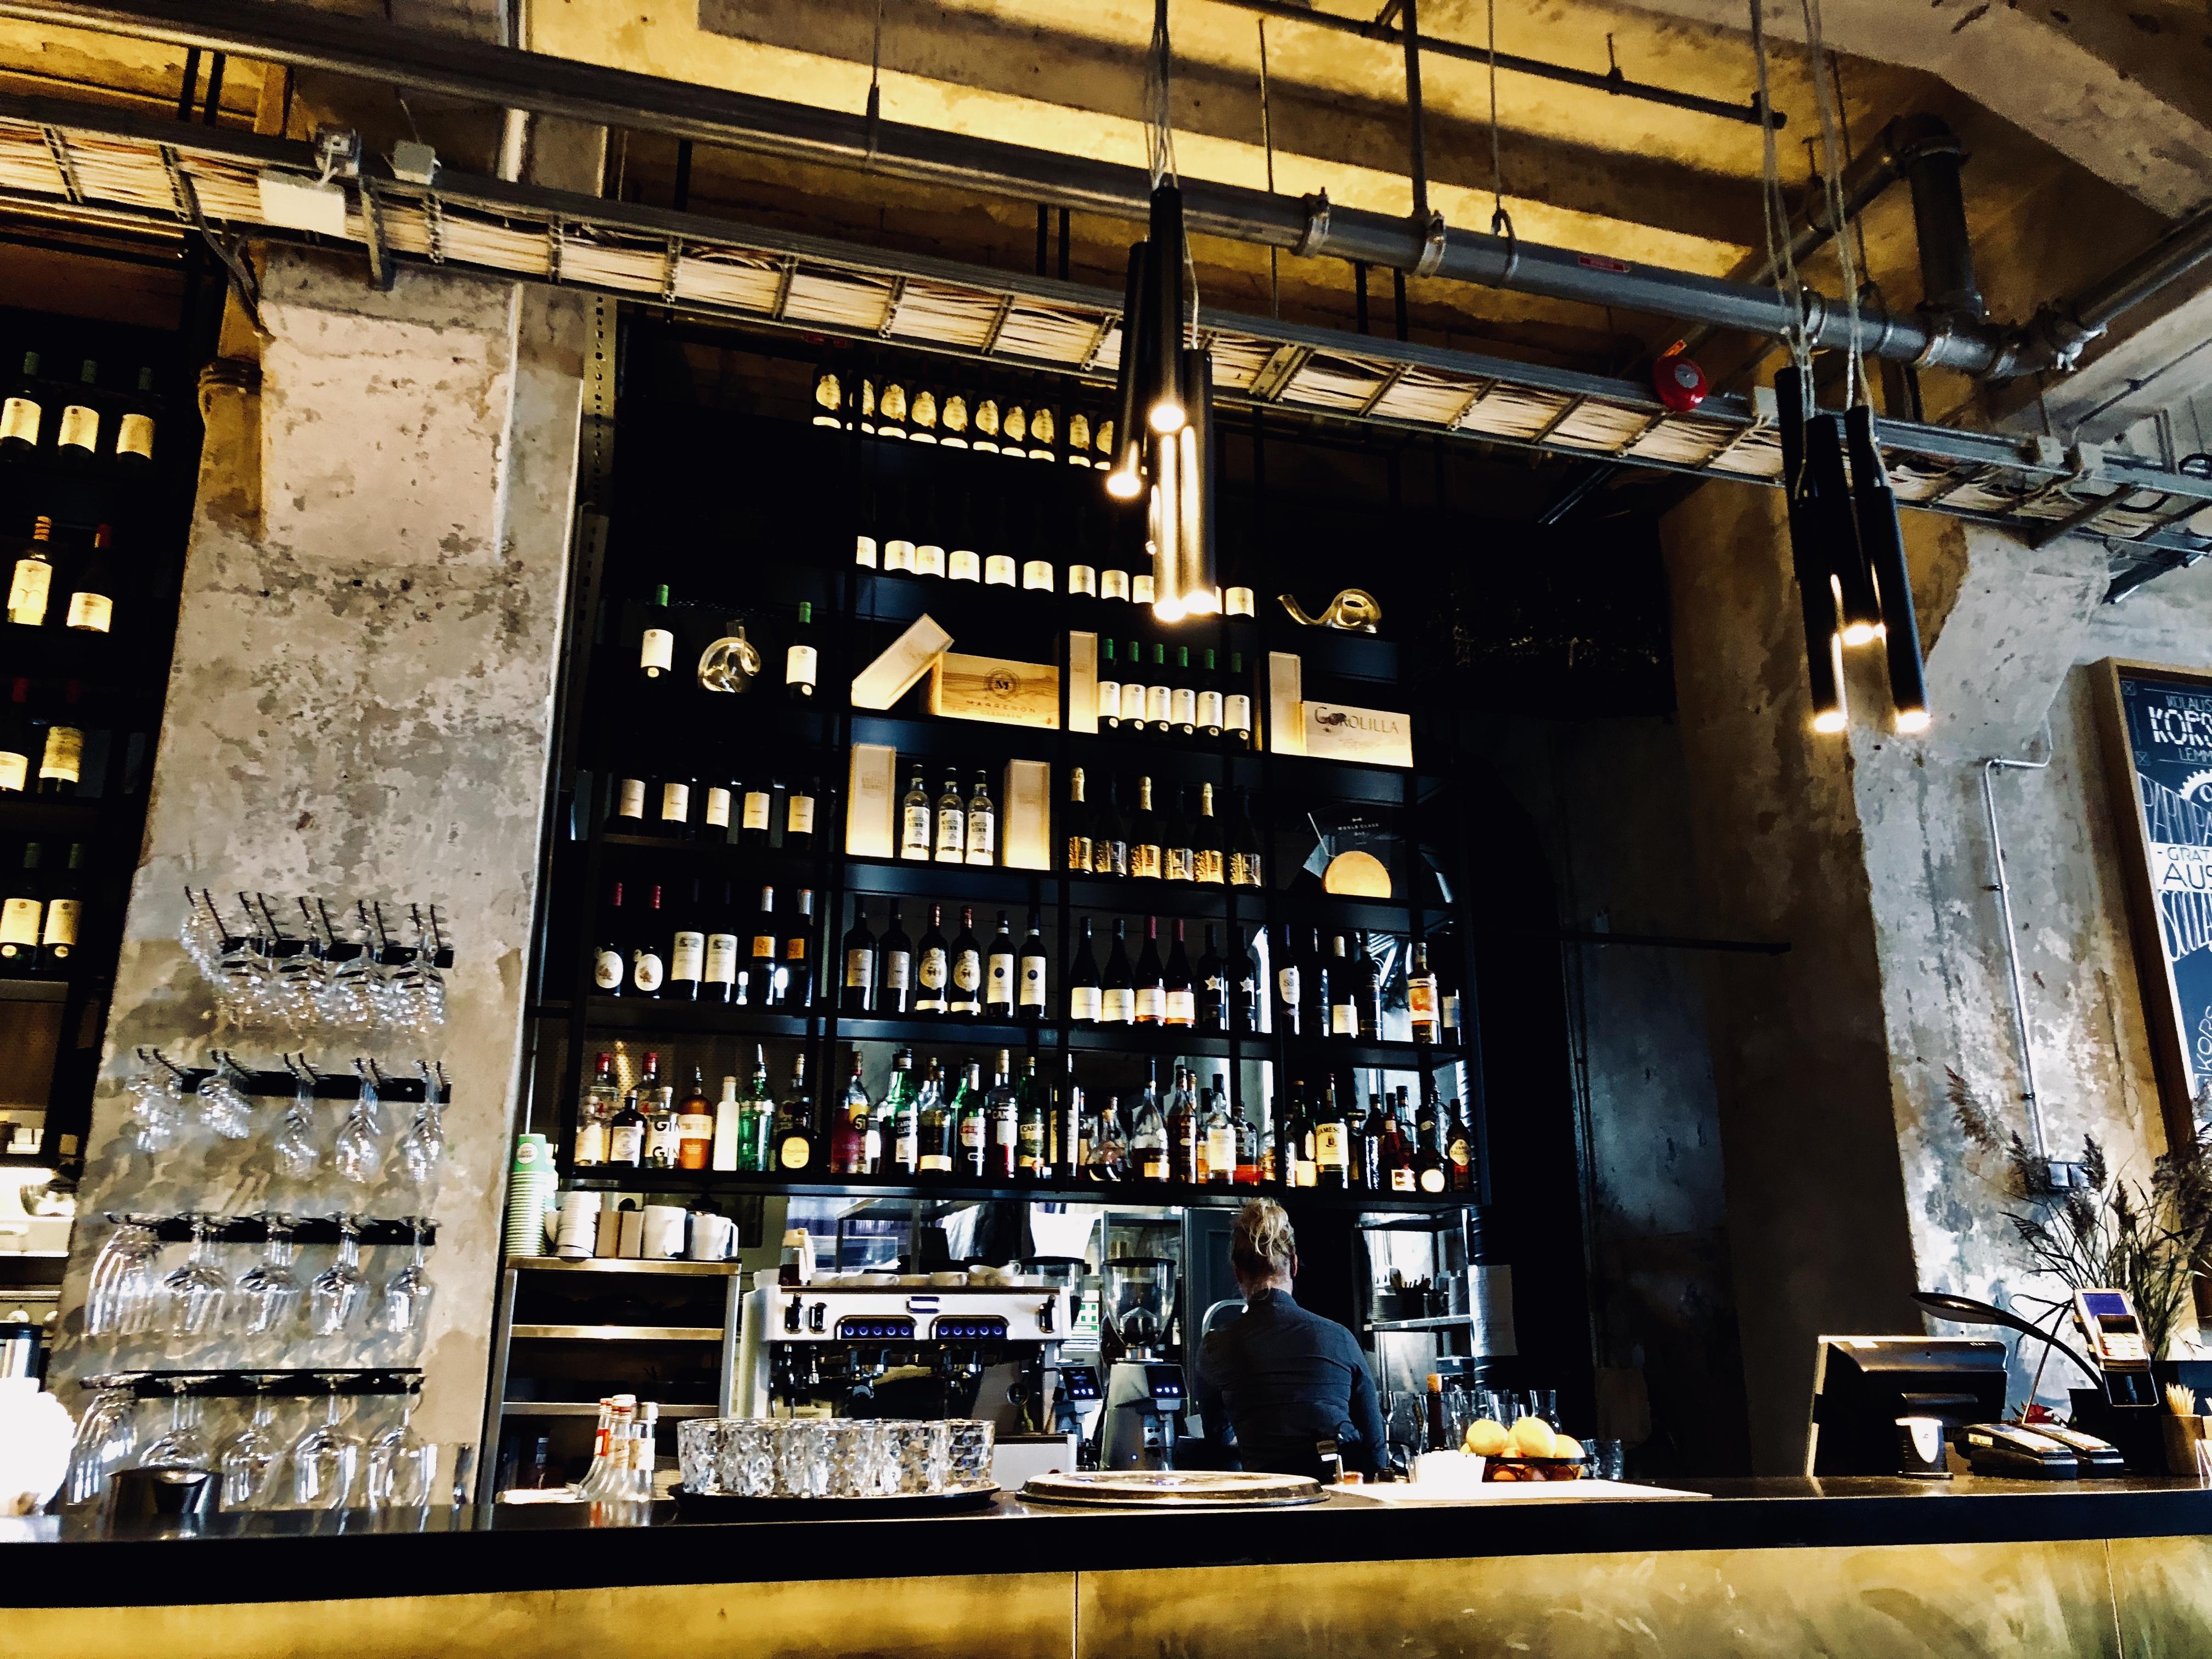 Travel Diary 48 Stunden in Tallinn Korsten RestaurantTravel Diary 48 Stunden in Tallinn Korsten Restaurant